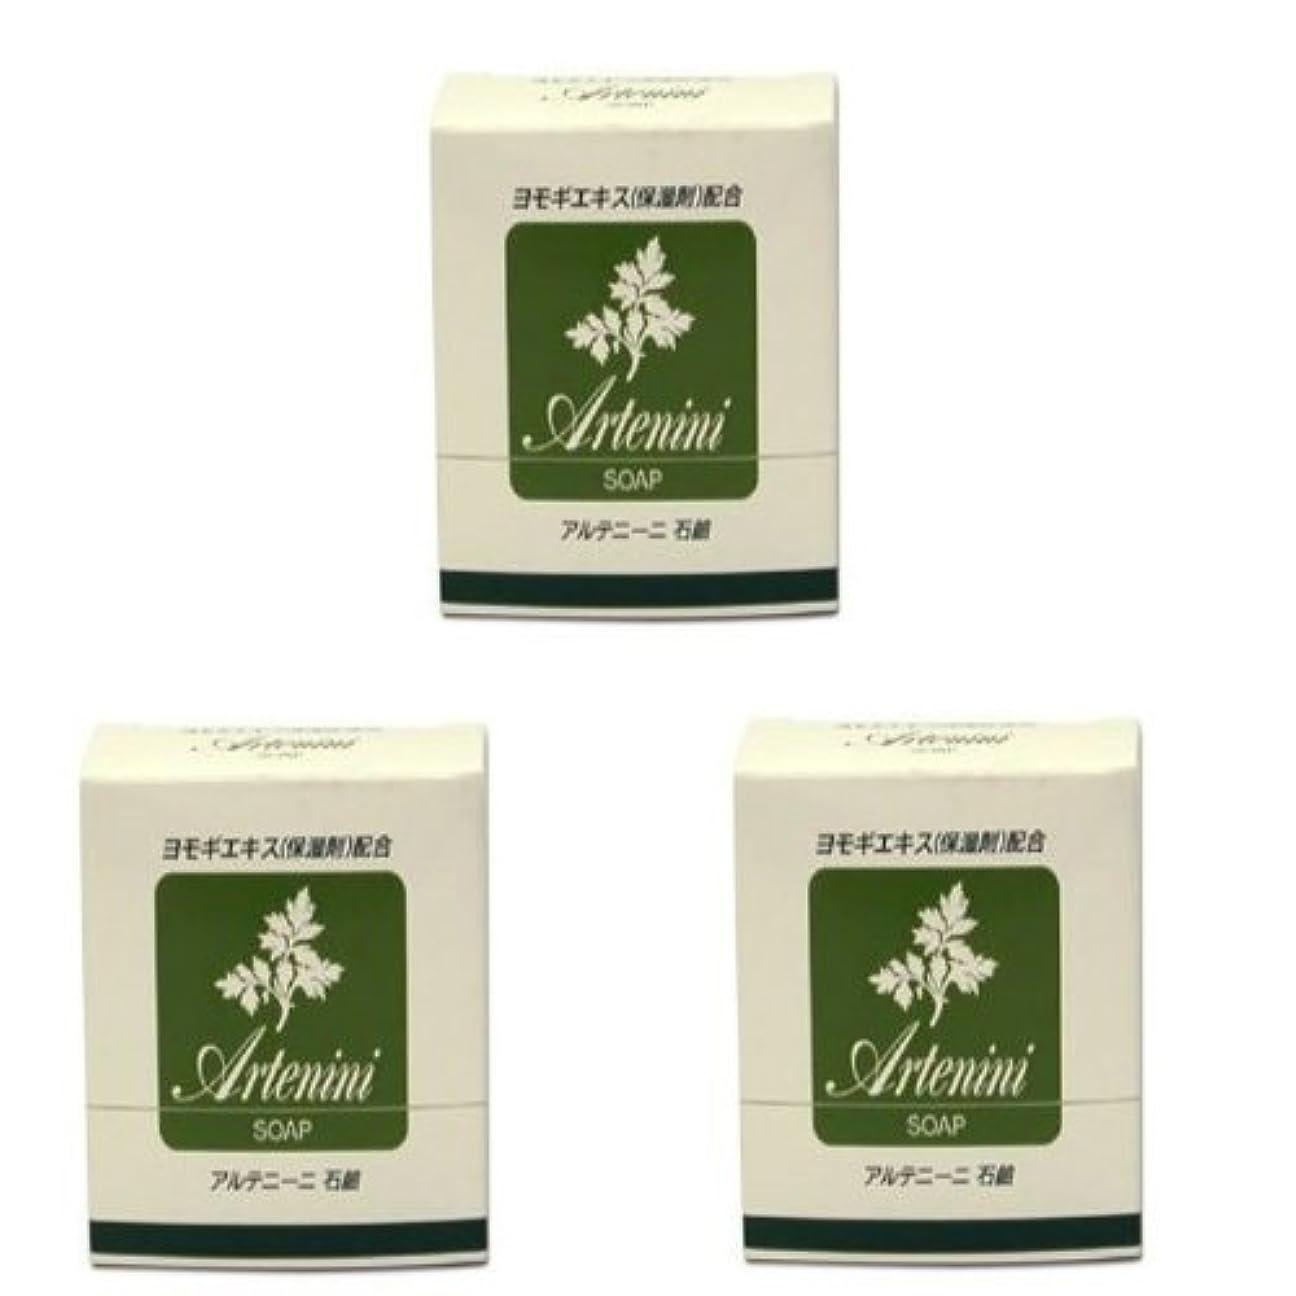 散らすアレルギー性構成するアルテニーニ 石鹸 3個組